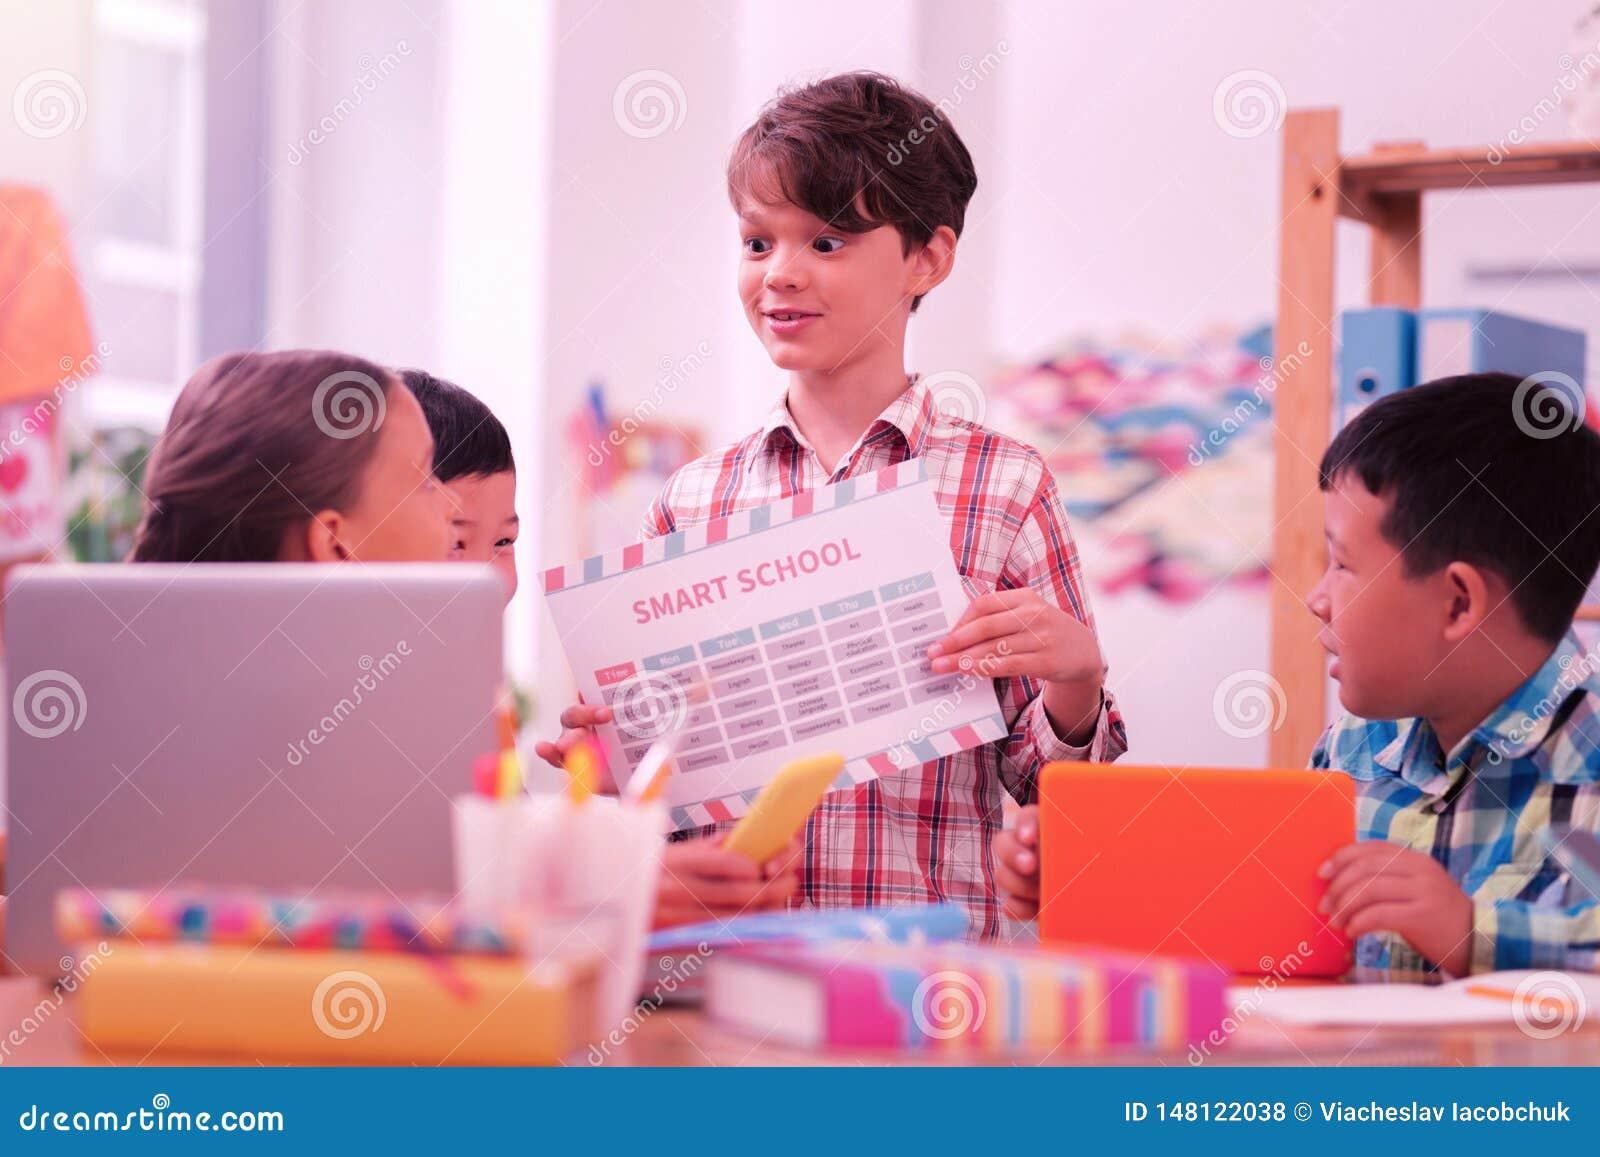 Leerling van een slimme school die zijn tijdschema houden